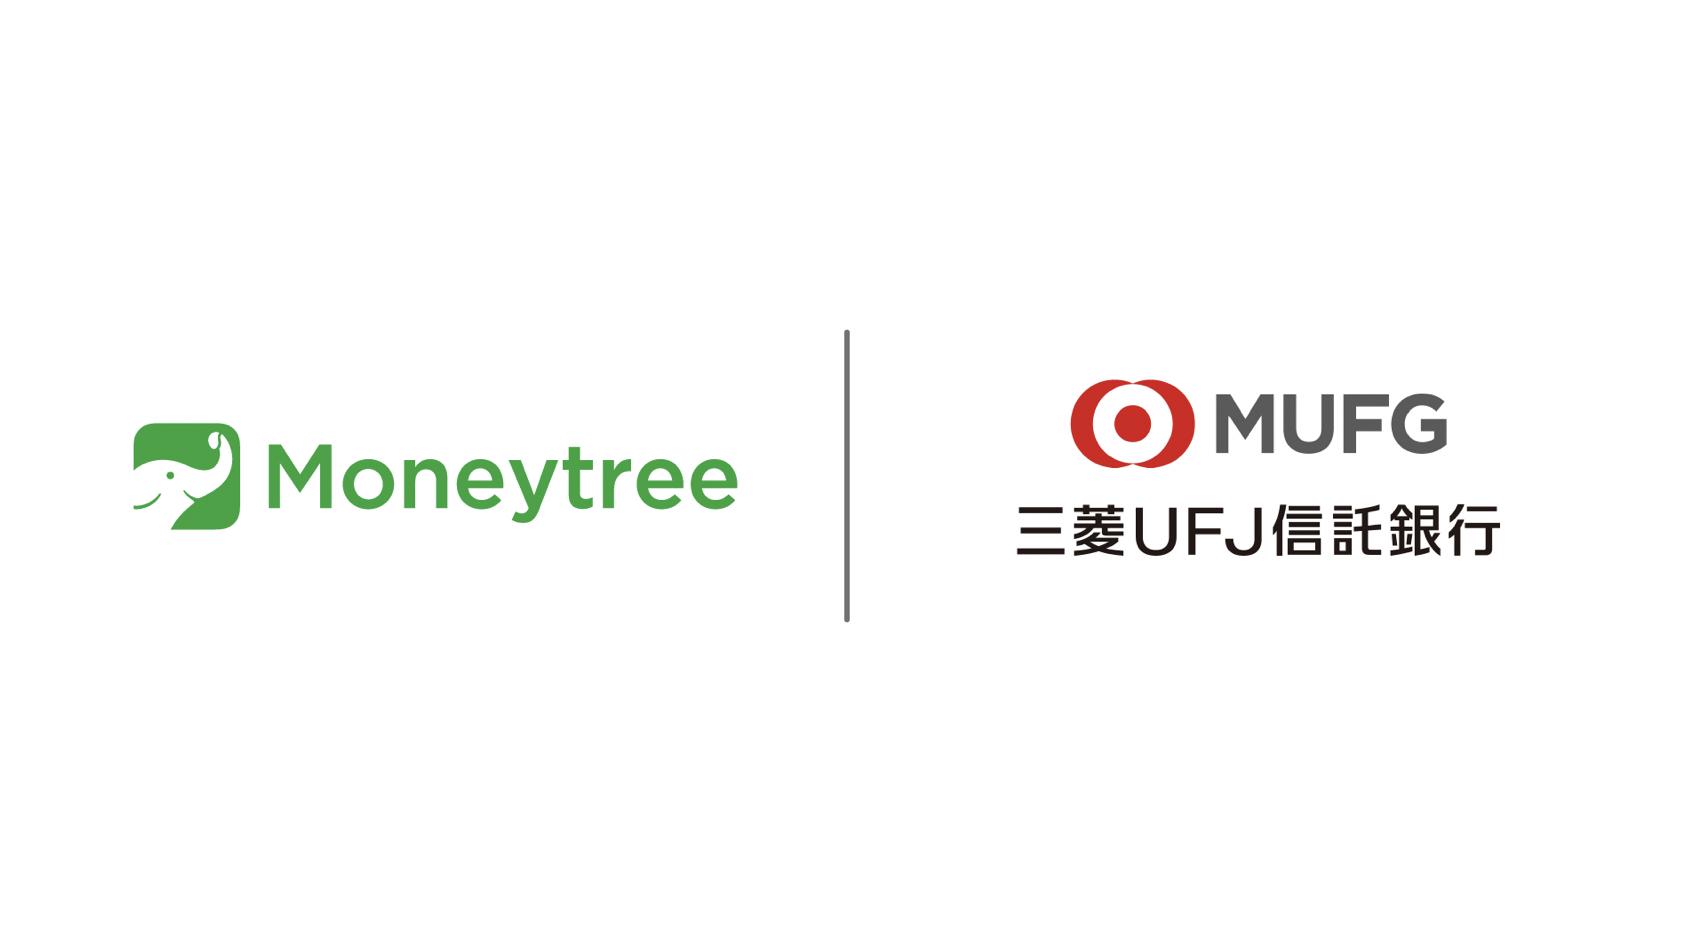 マネーツリー×三菱UFJ信託銀行 | 「資産形成プラットフォーム」で連携